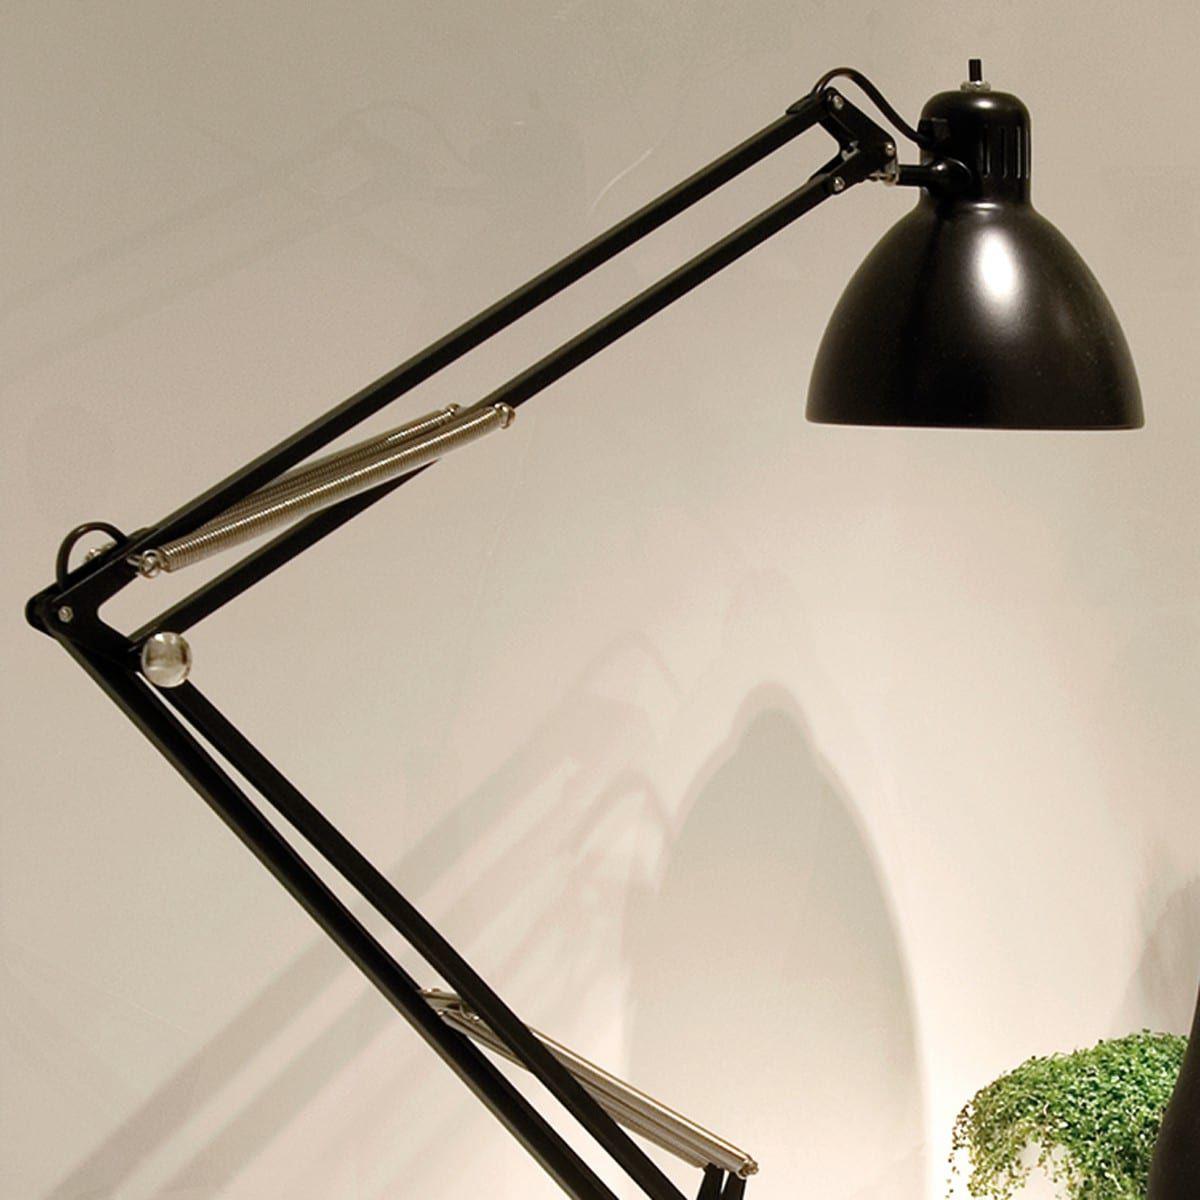 Kristall Leuchte Lampen Online Kaufen Schweiz Landhausstil Nachttischlampen Led Lampe Mit Batterie Und Zeitschaltuhr Tischlamp Lampe Mit Batterie Lampentisch Und Tischlampen